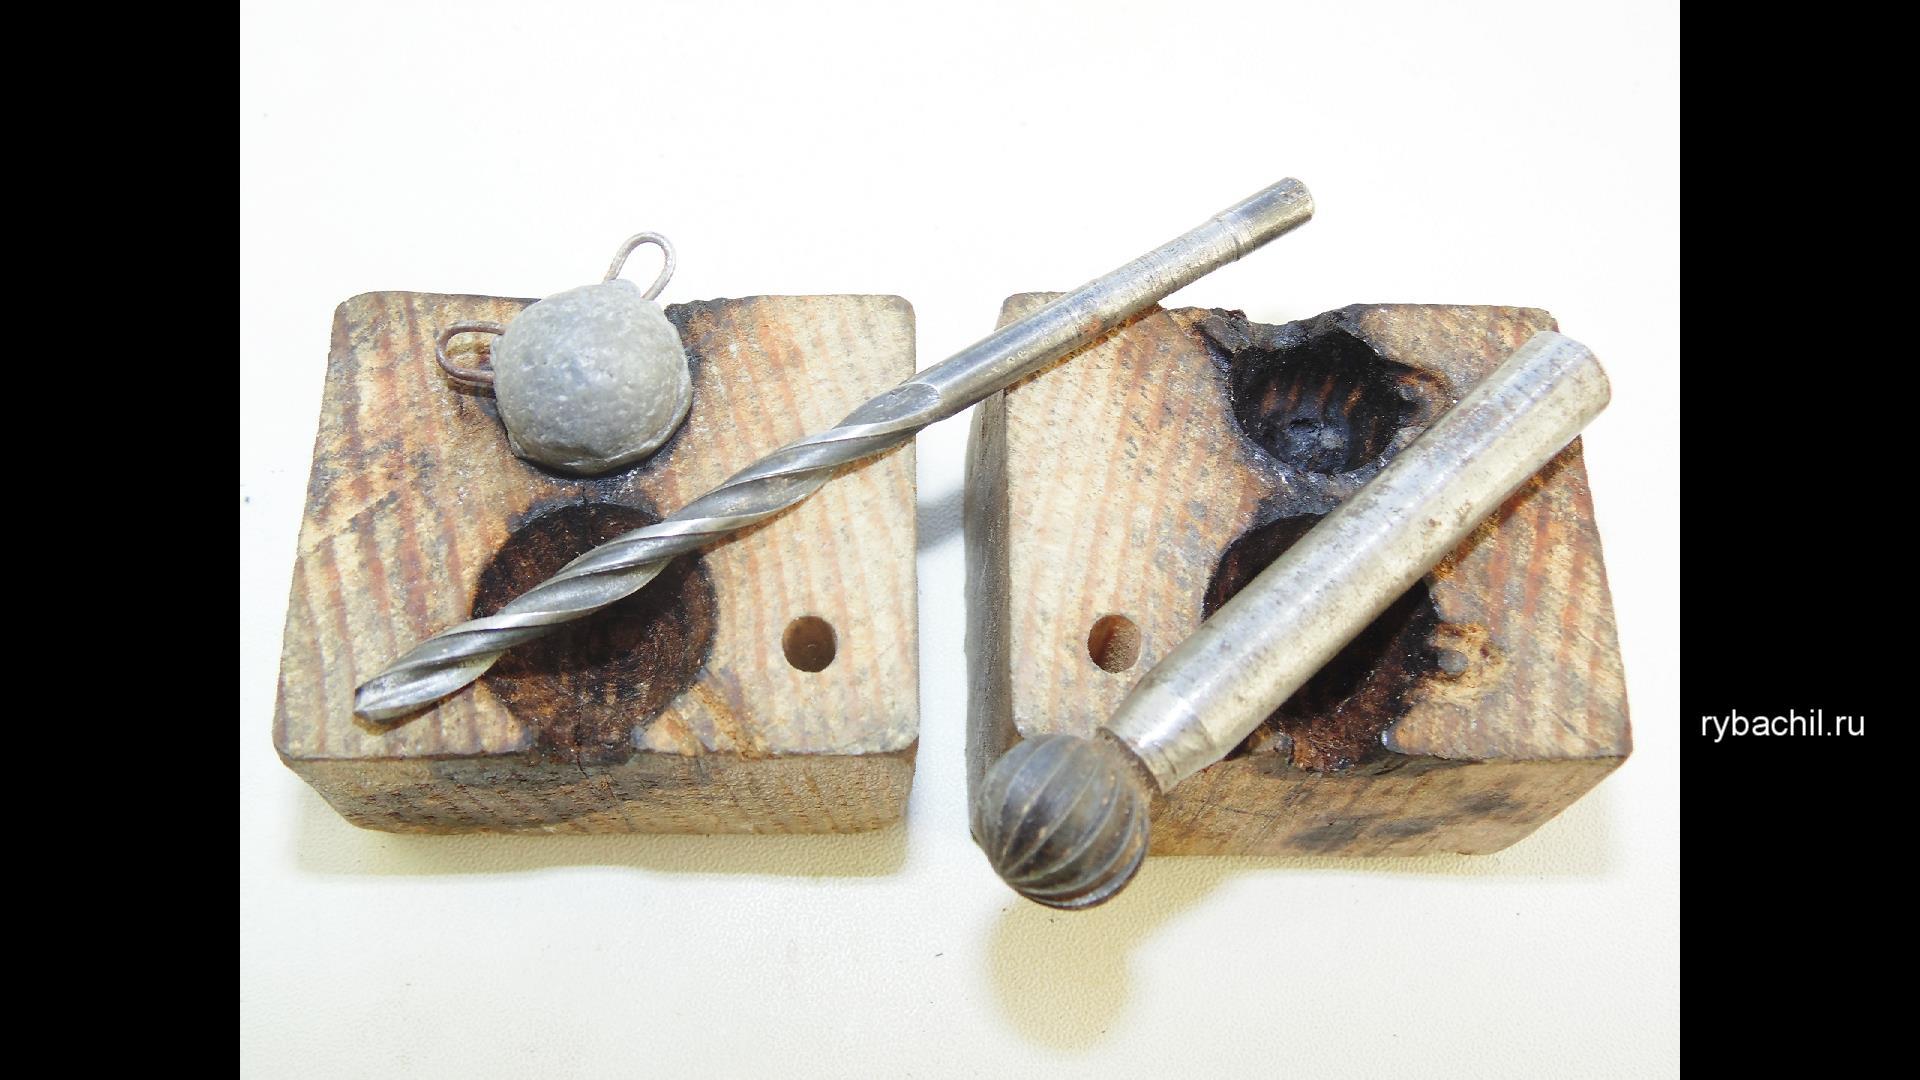 Изготовление формы для литья из свинца своими руками 2